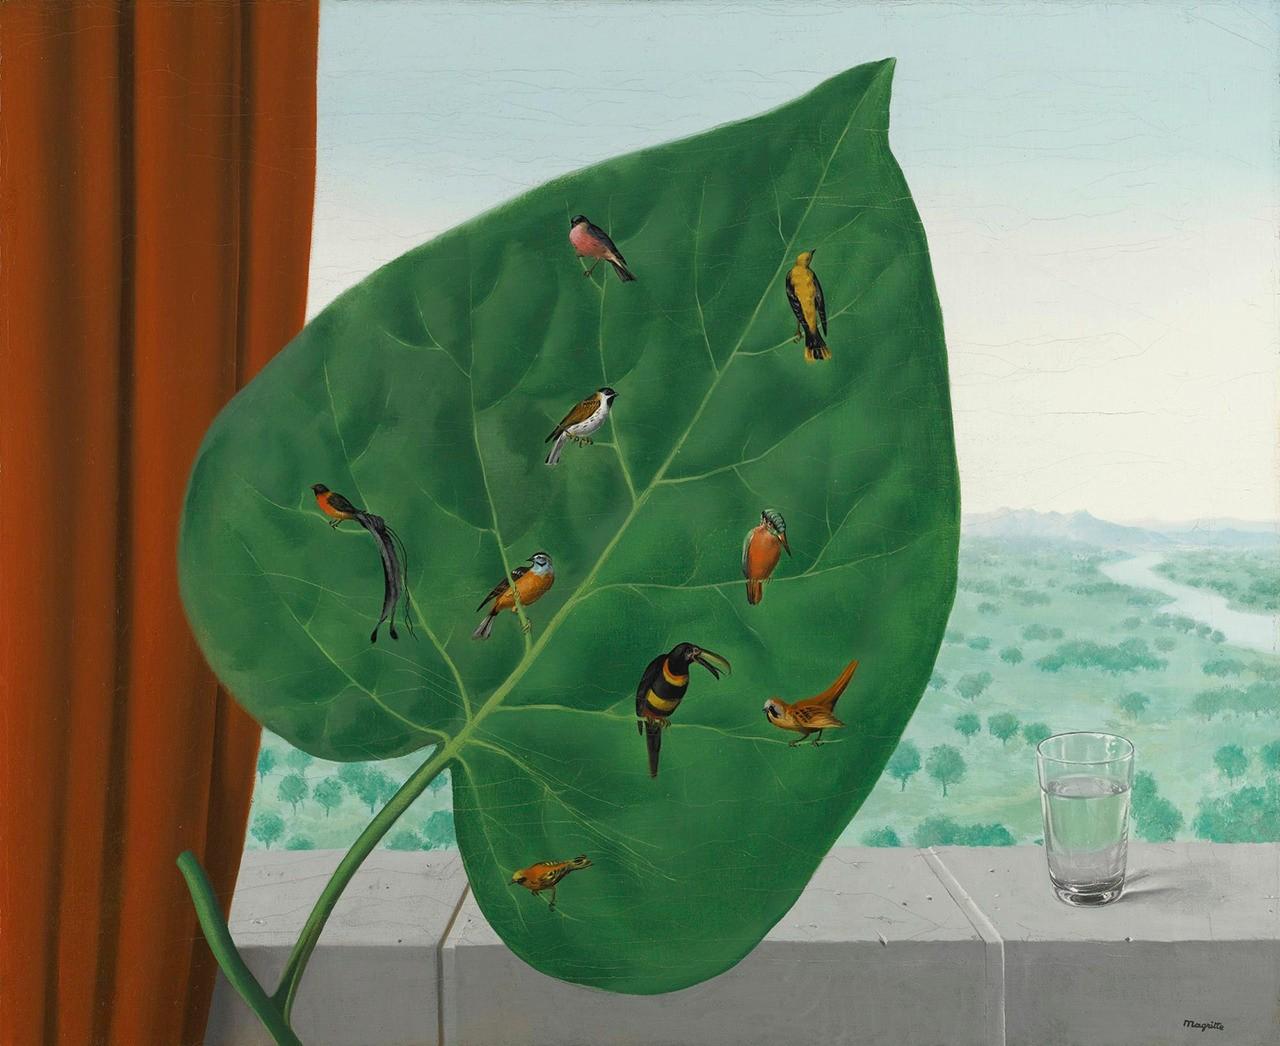 René Magritte, Le Regard Intérieur, 1942